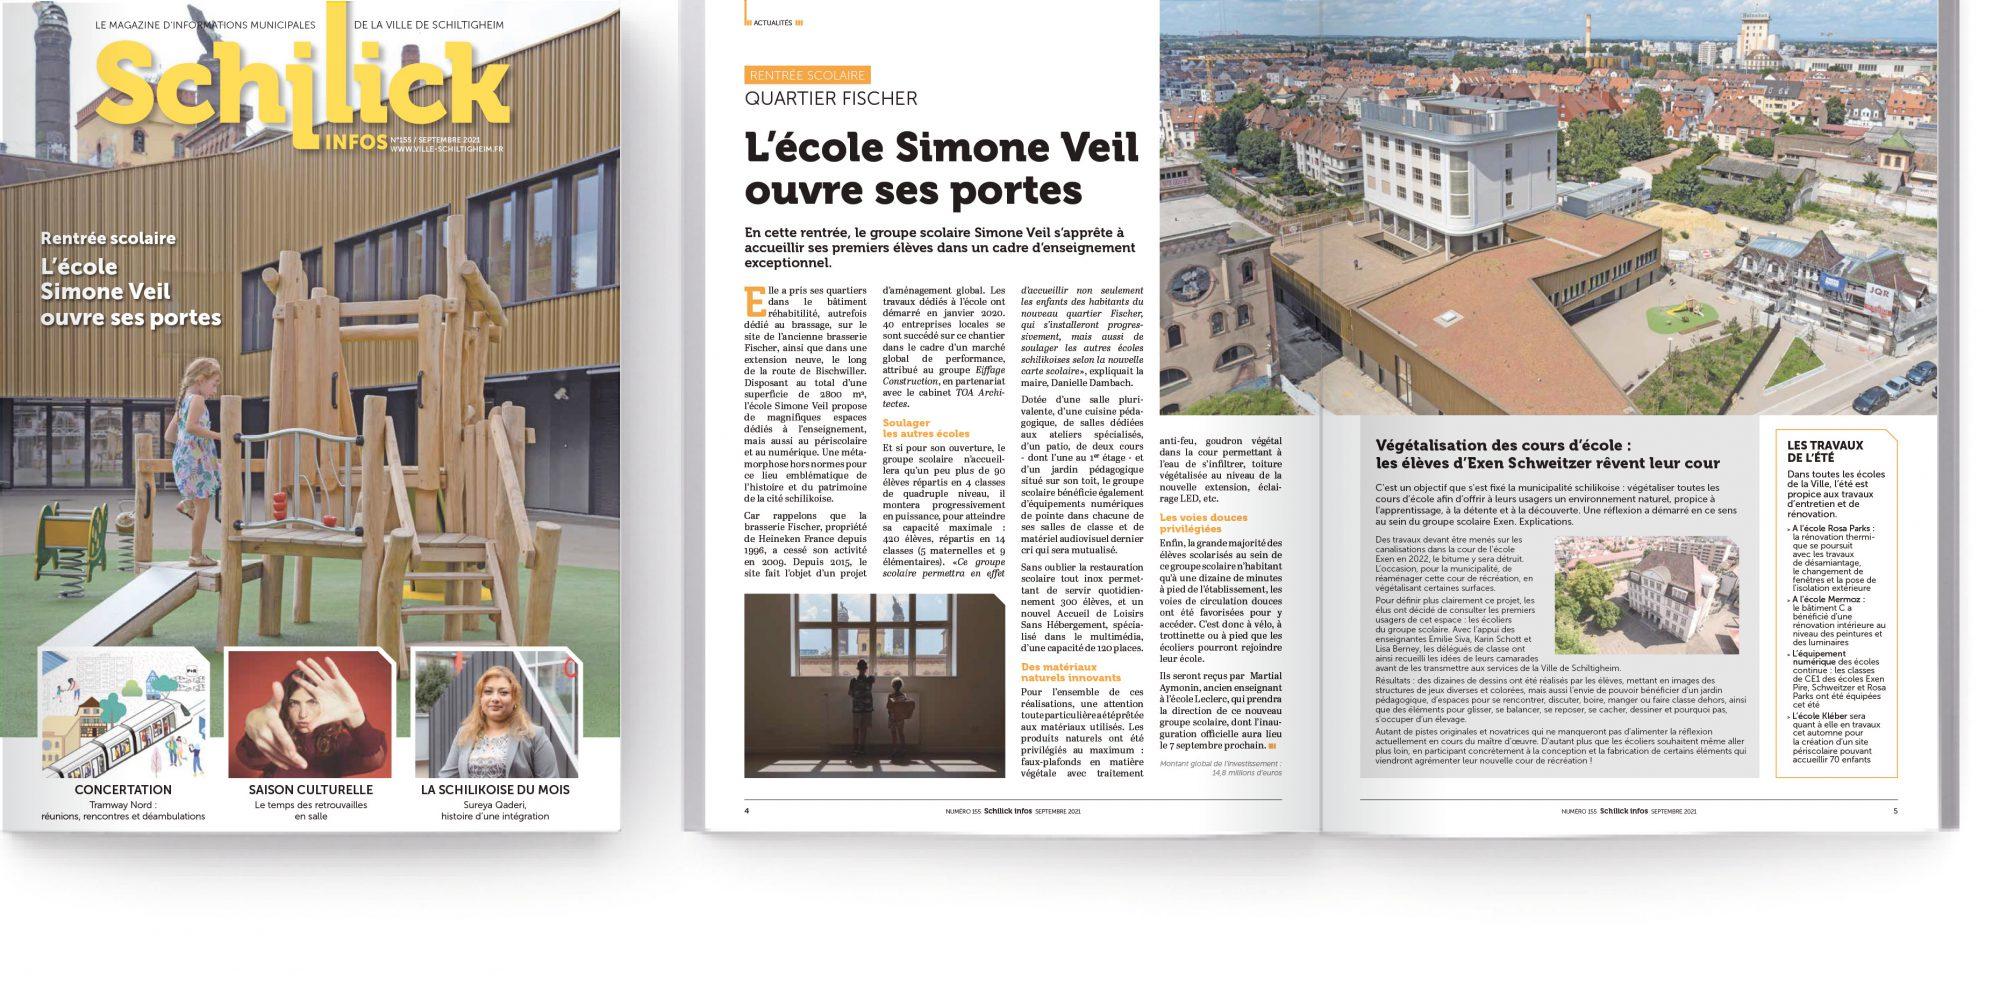 Modèle Schilick Infos site web